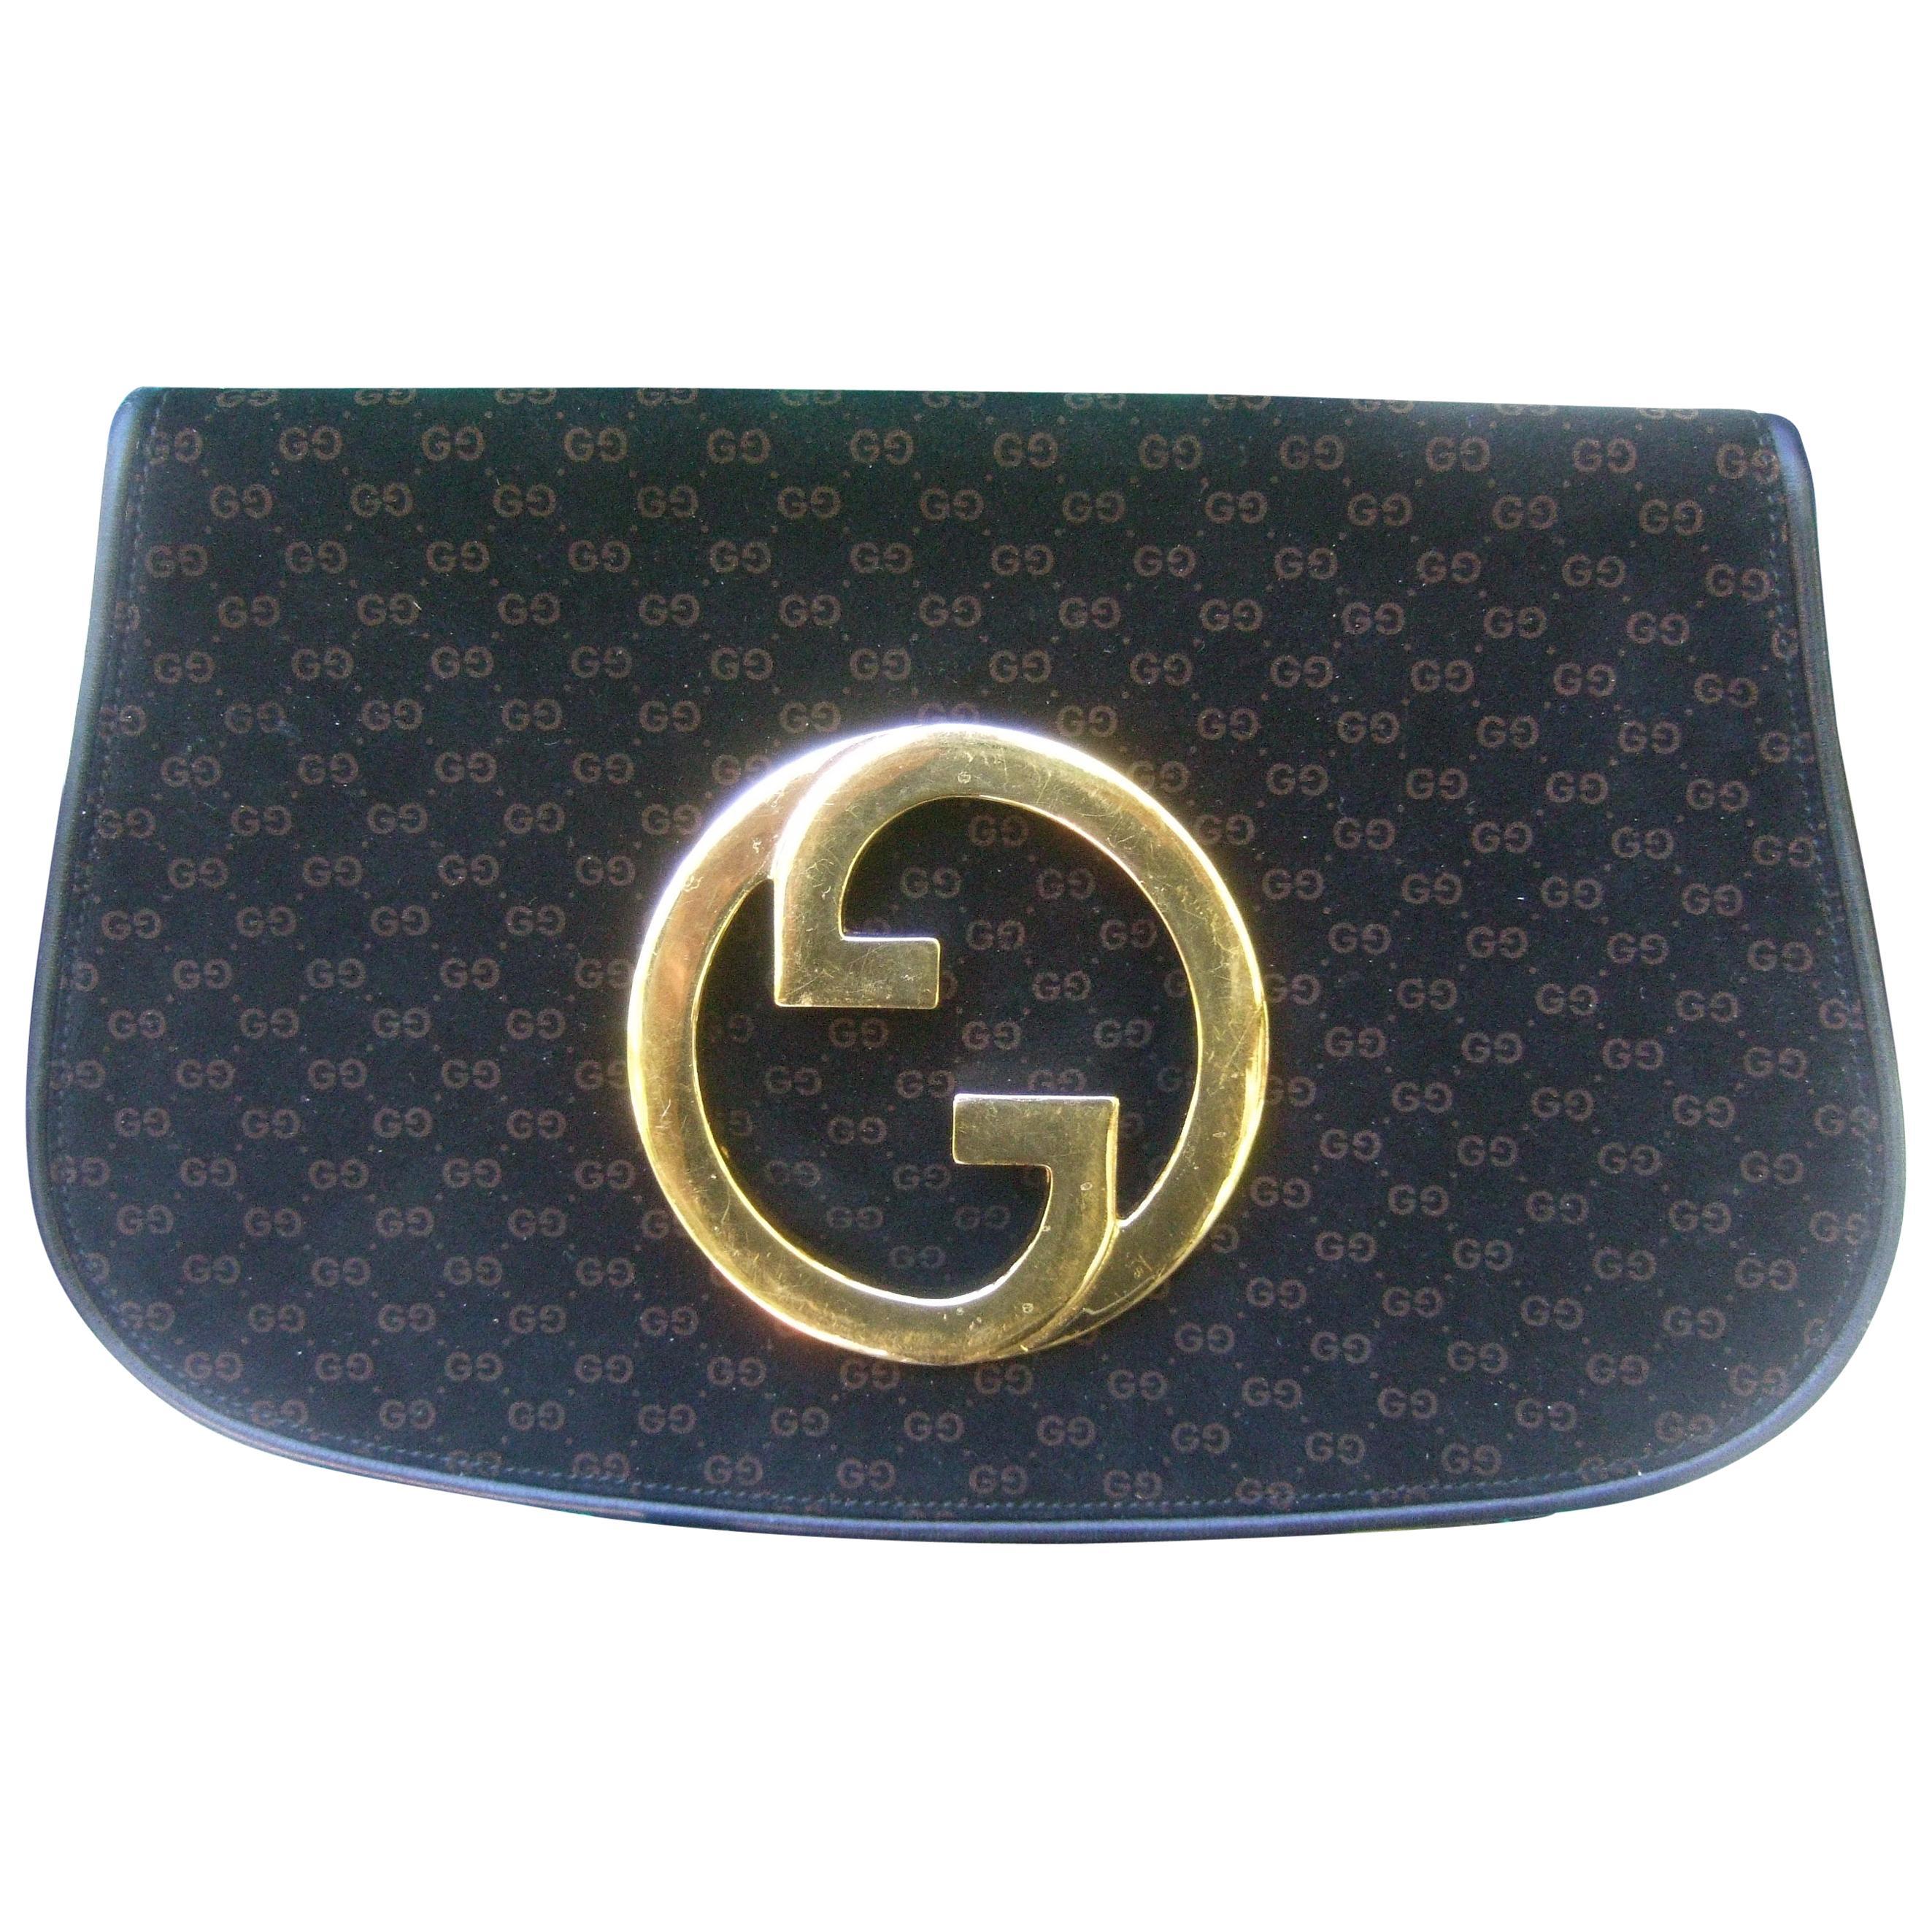 Gucci Italy Sleek Black & Brown Suede Blondie Clutch c 1970s